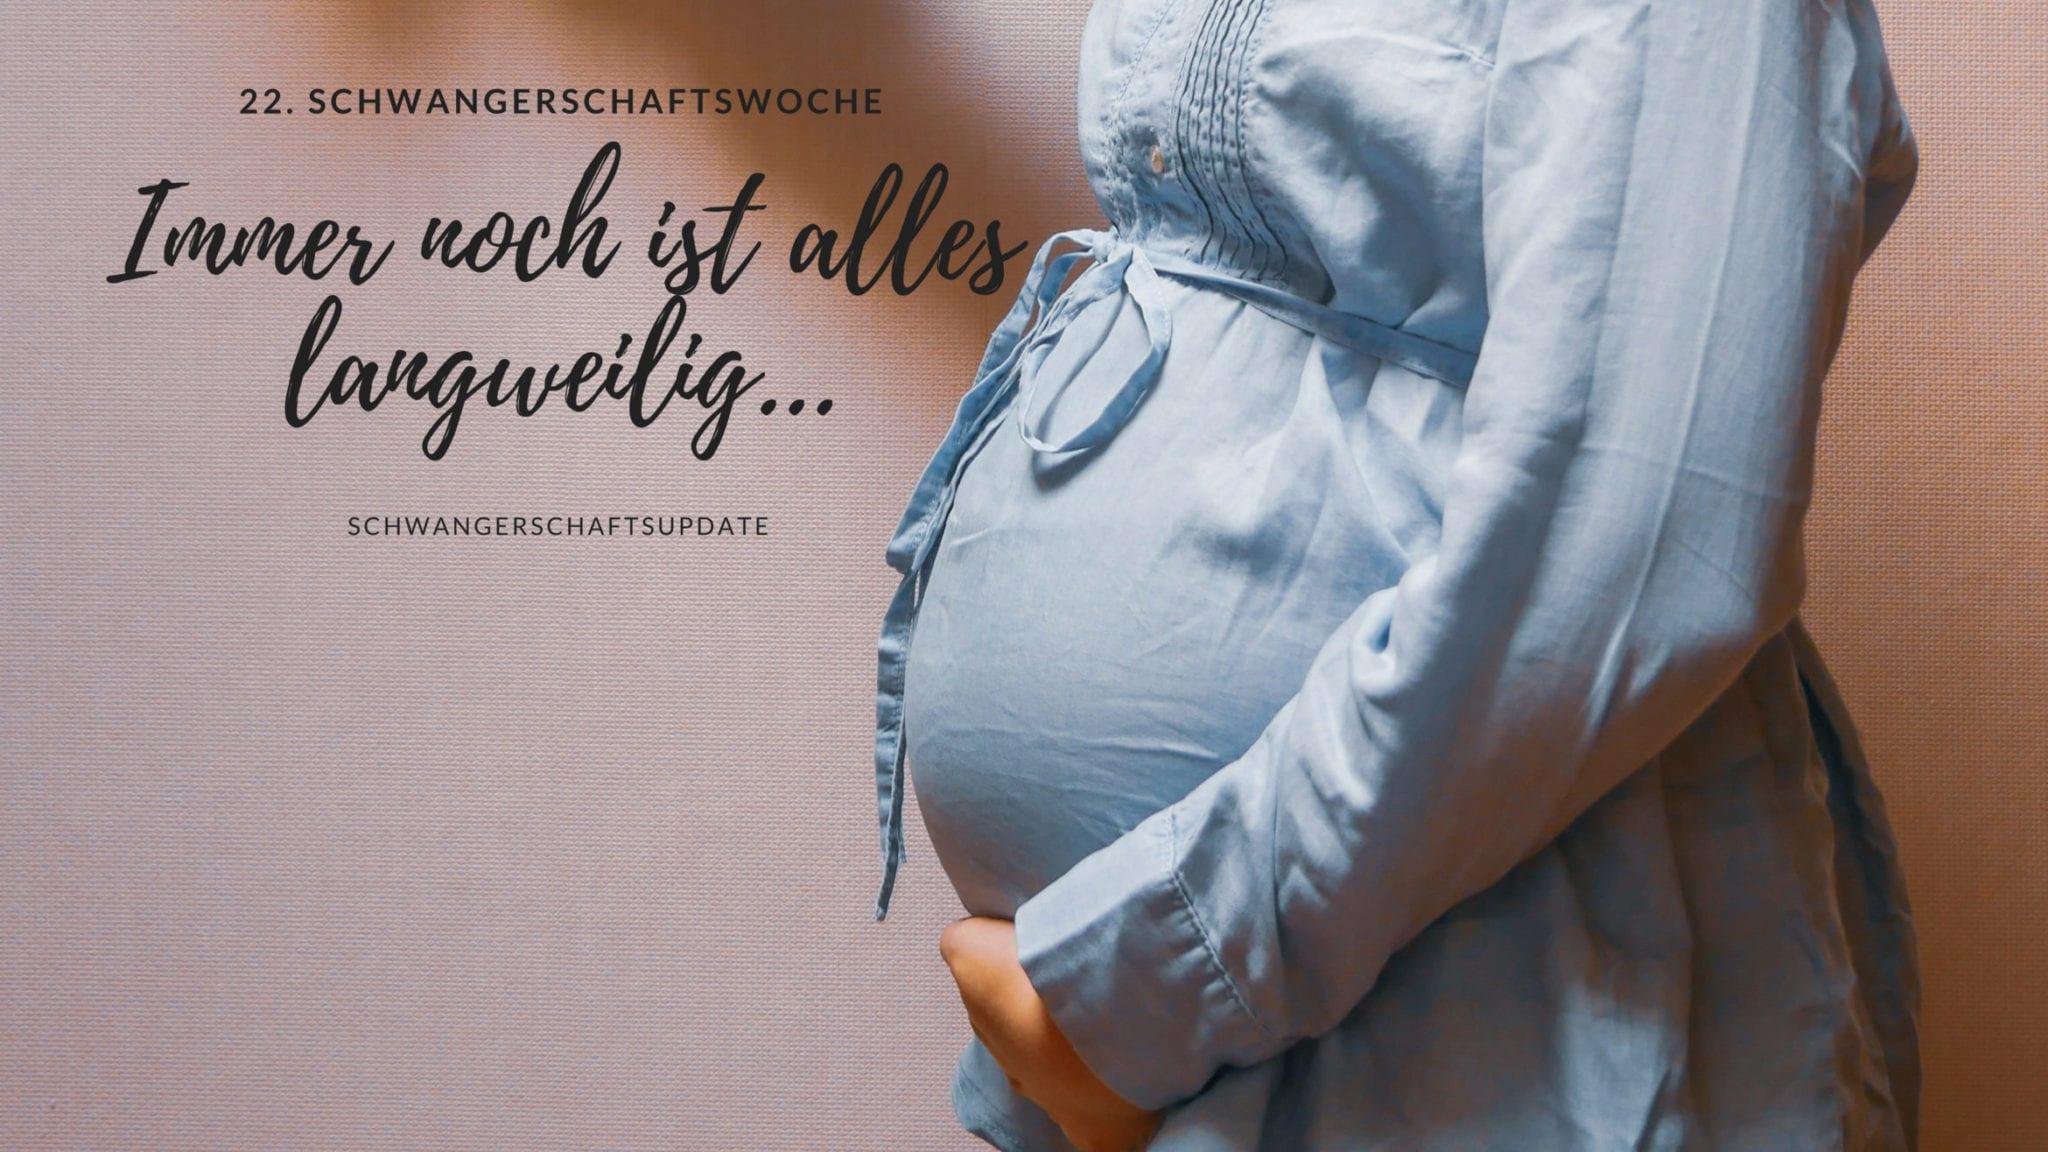 Schwangerschaftsbauch in der 22. Schwangerschaftswoche | familiert.de